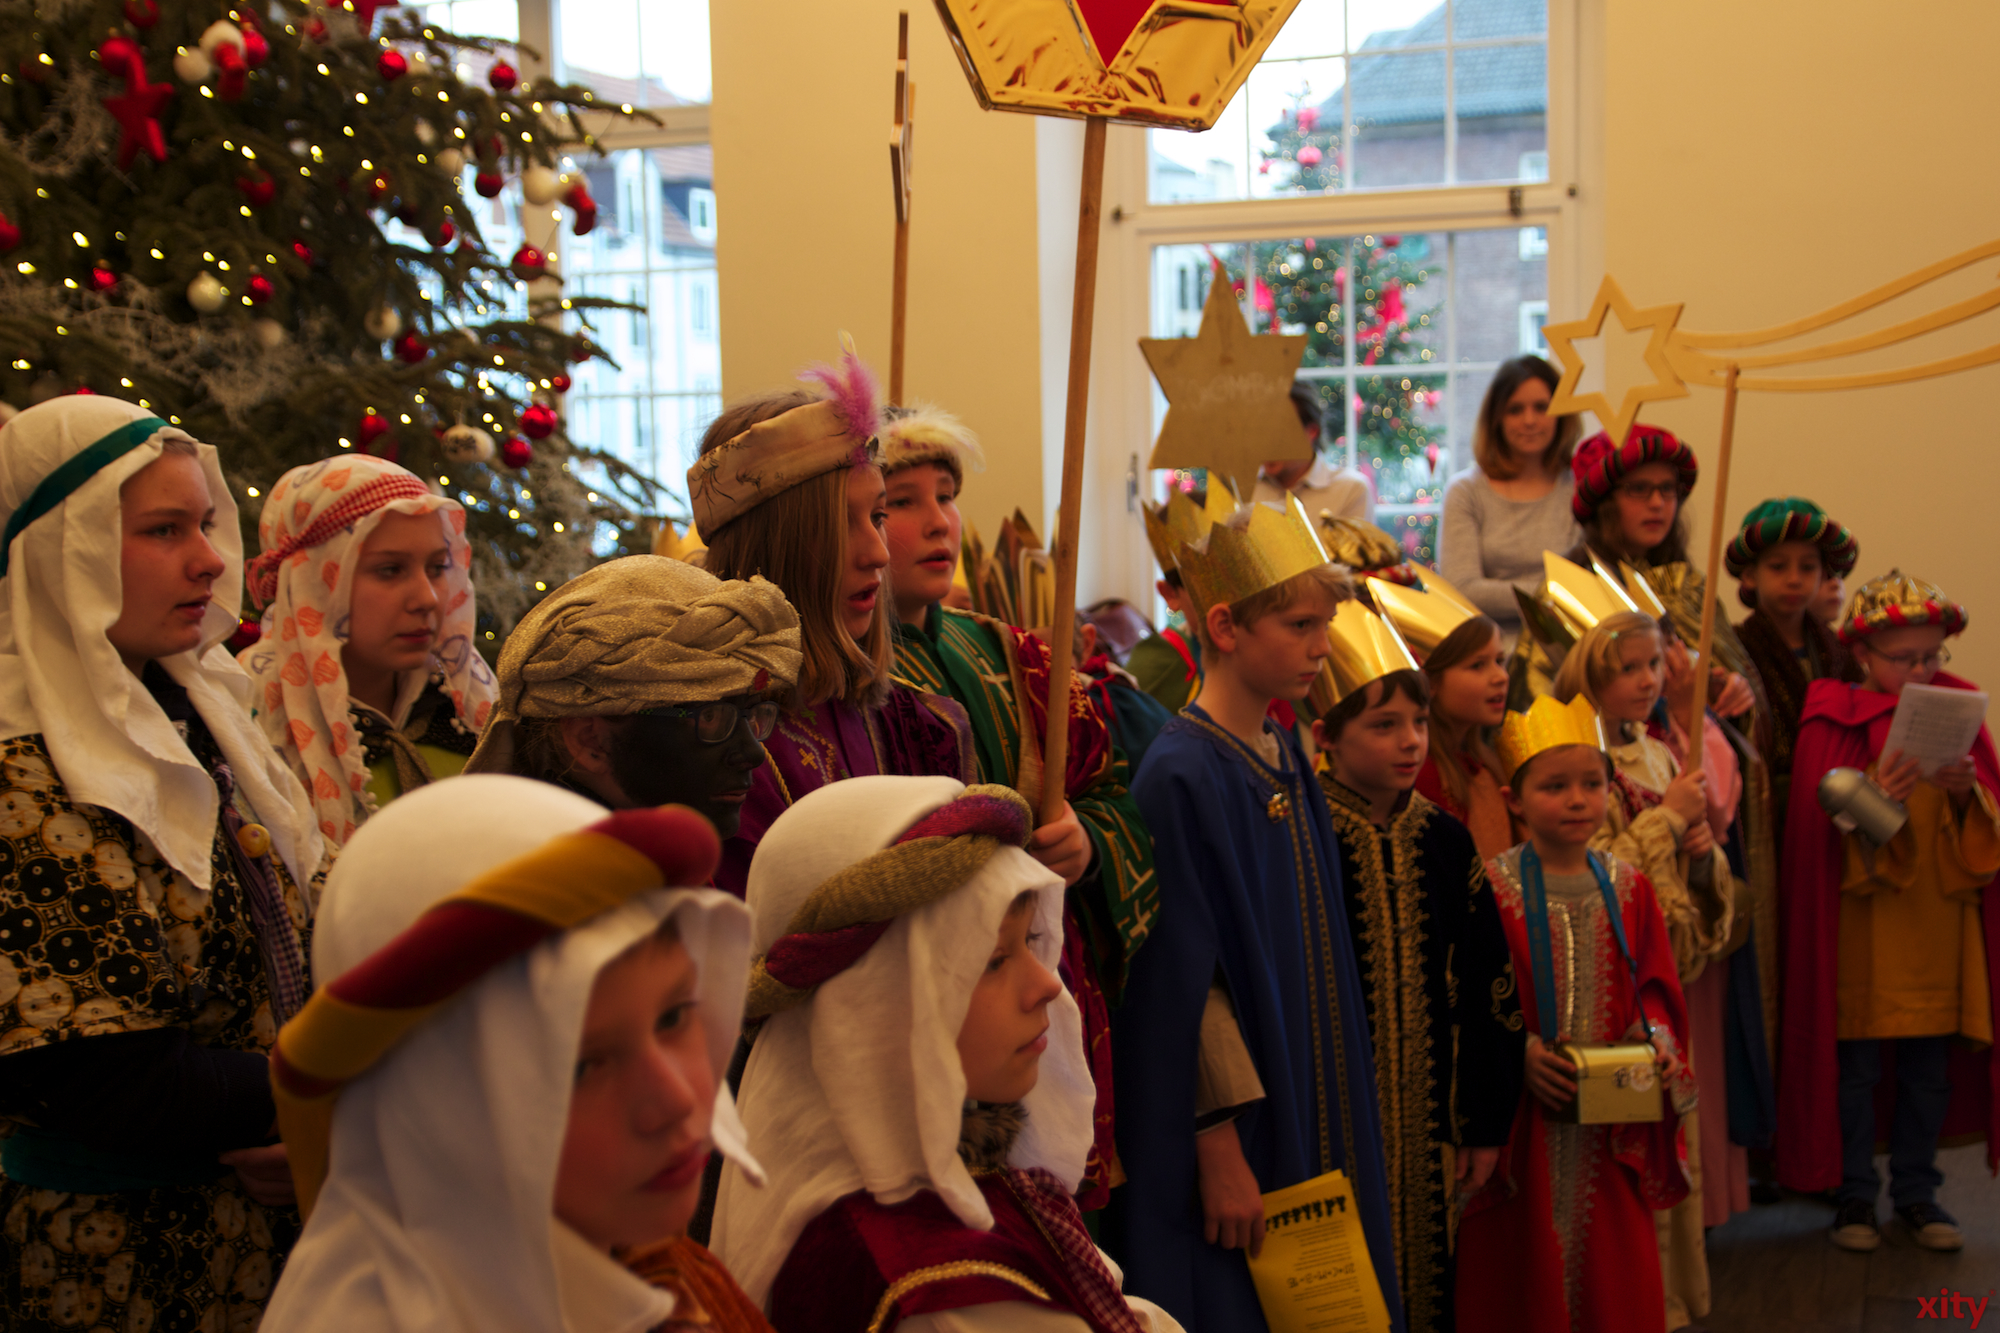 """Die Lieder der Sternsinger """"Wir kommen daher aus dem Morgenland"""" und """"Stern über Bethlehem"""" waren während des Besuchs im Rathaus zu hören (Foto: xity)"""